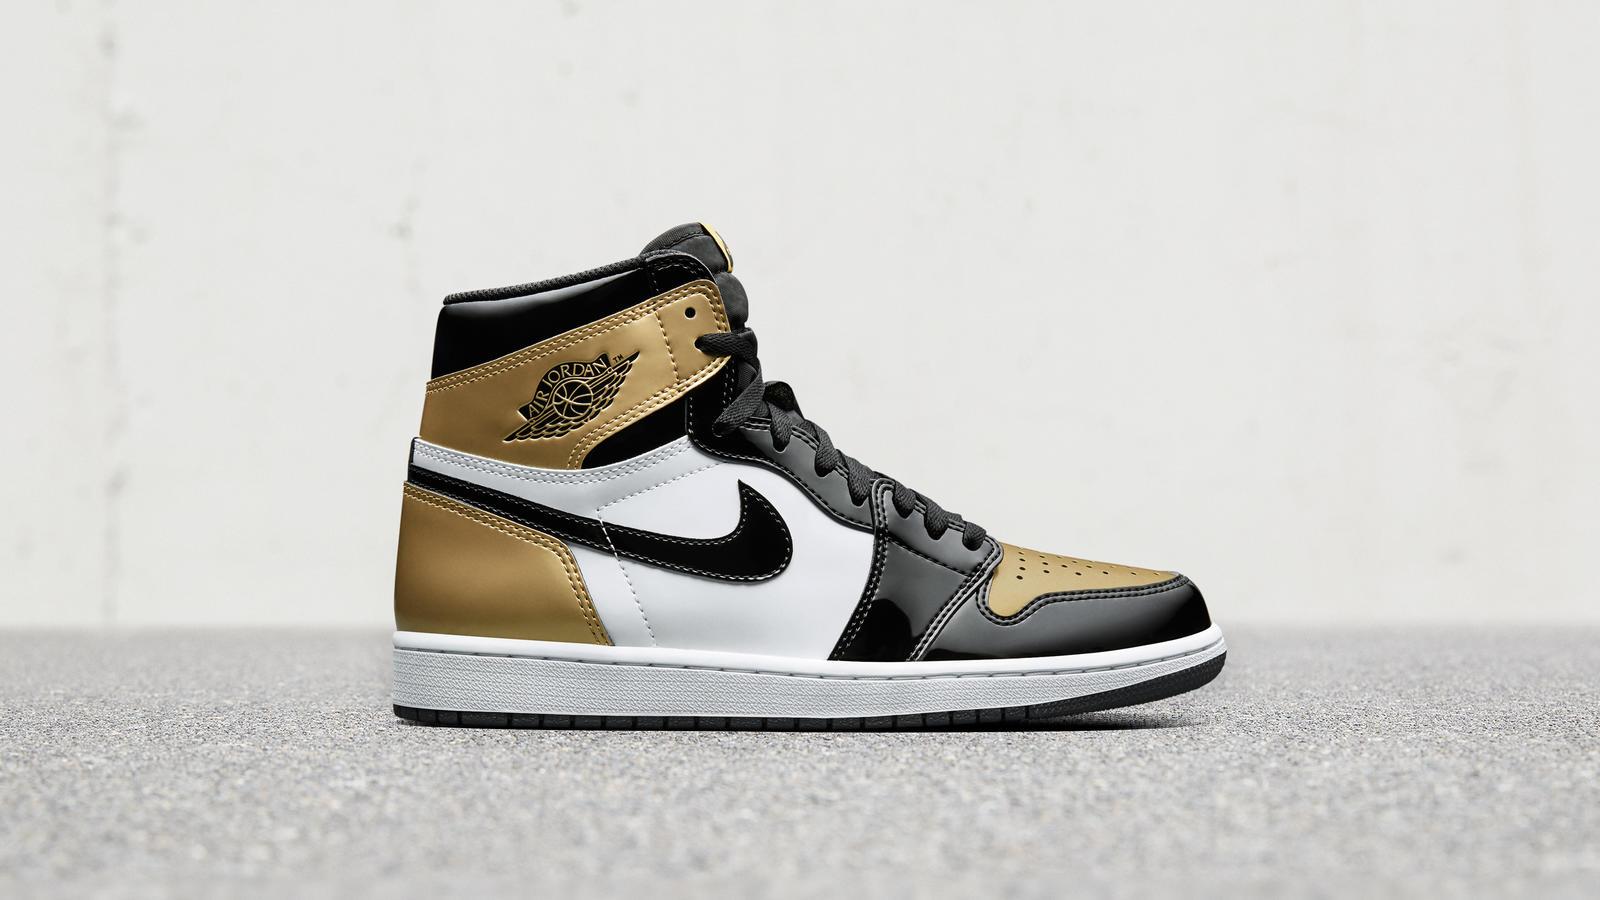 5b16b342fc7302 ... Air Max and Other Sneak Air Jordan 1 Top 3 Gold 1 ...